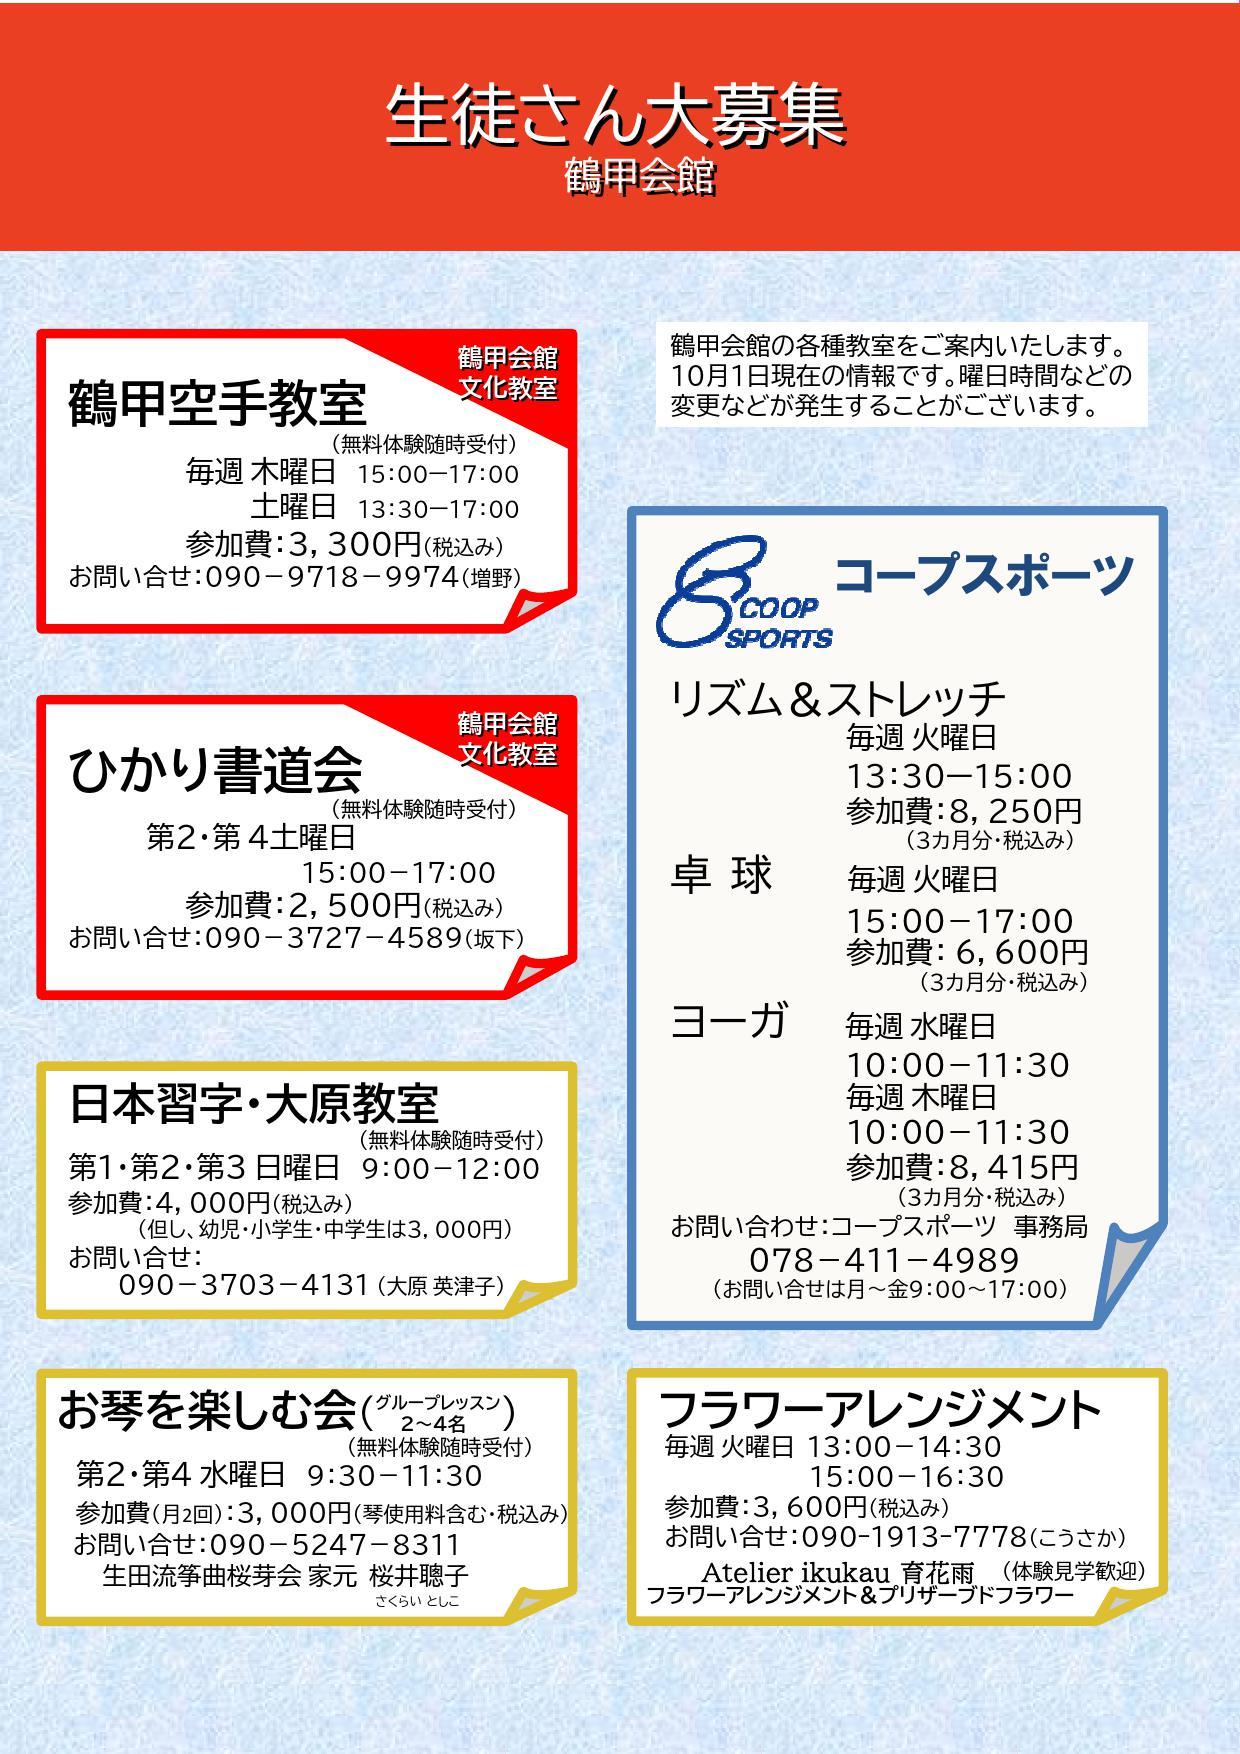 HP用- 生徒募集_000001